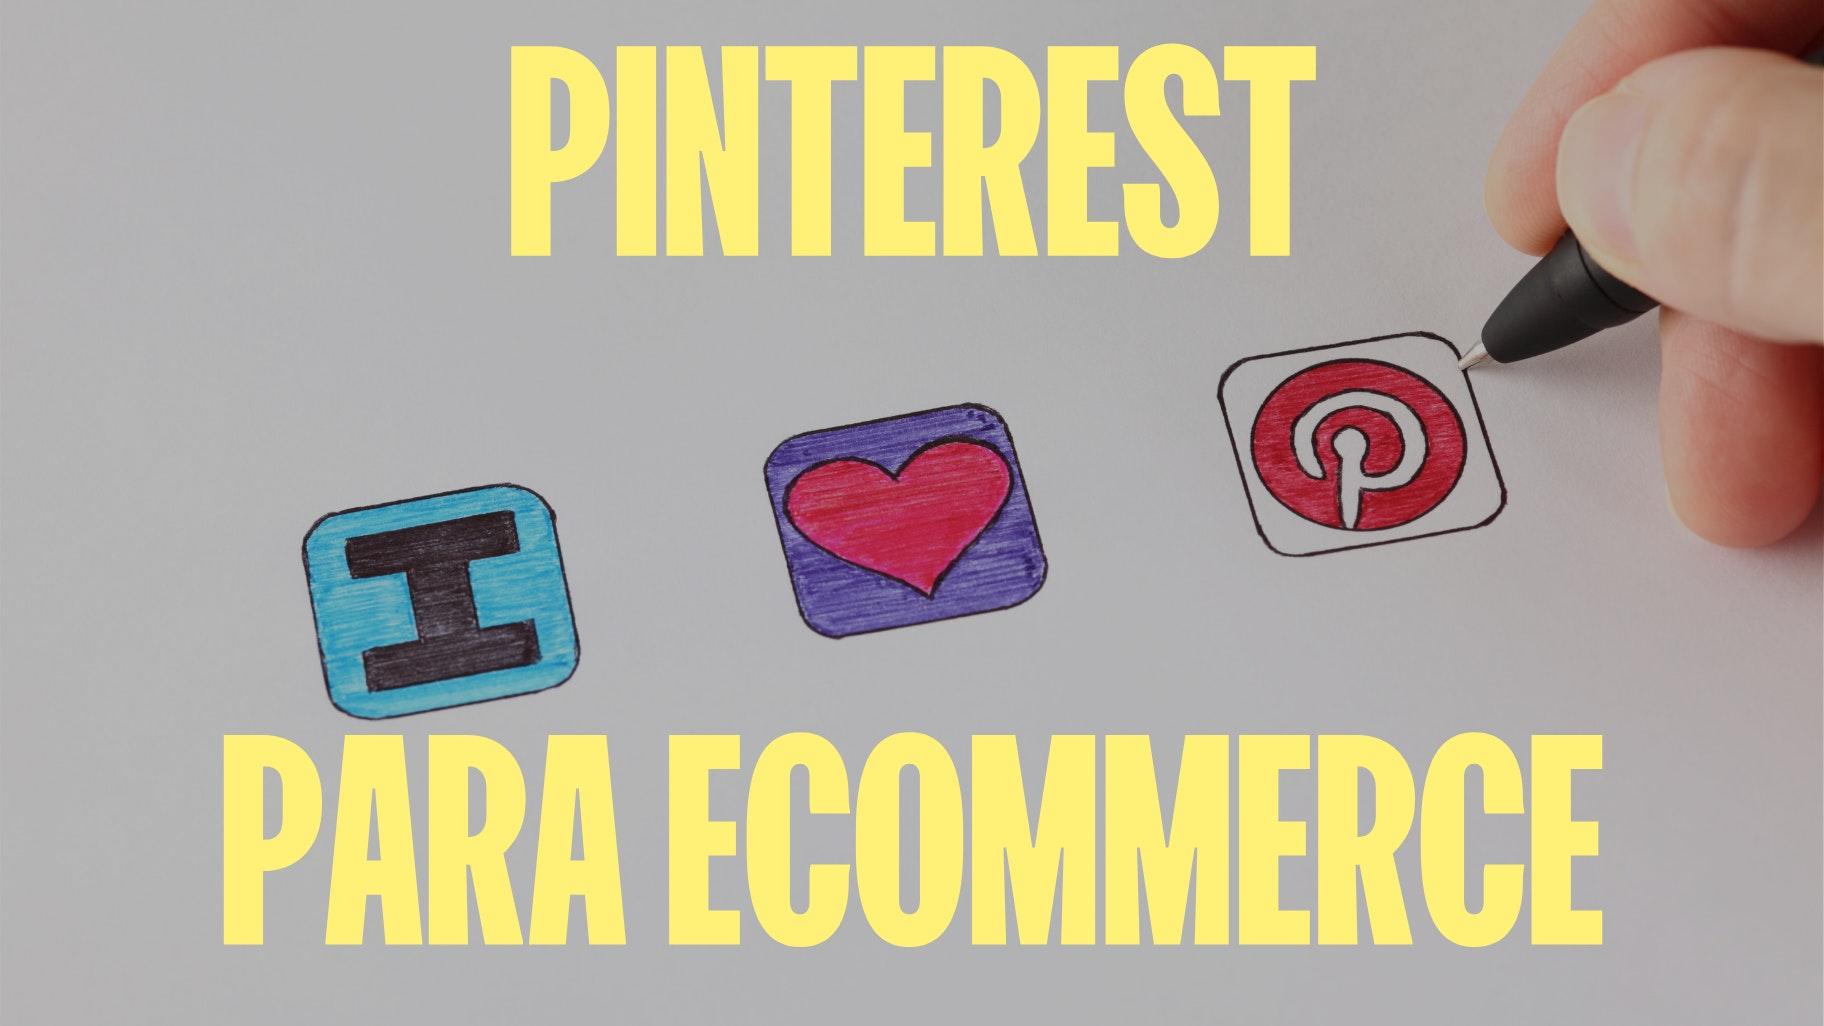 Pinterest para ecommerce